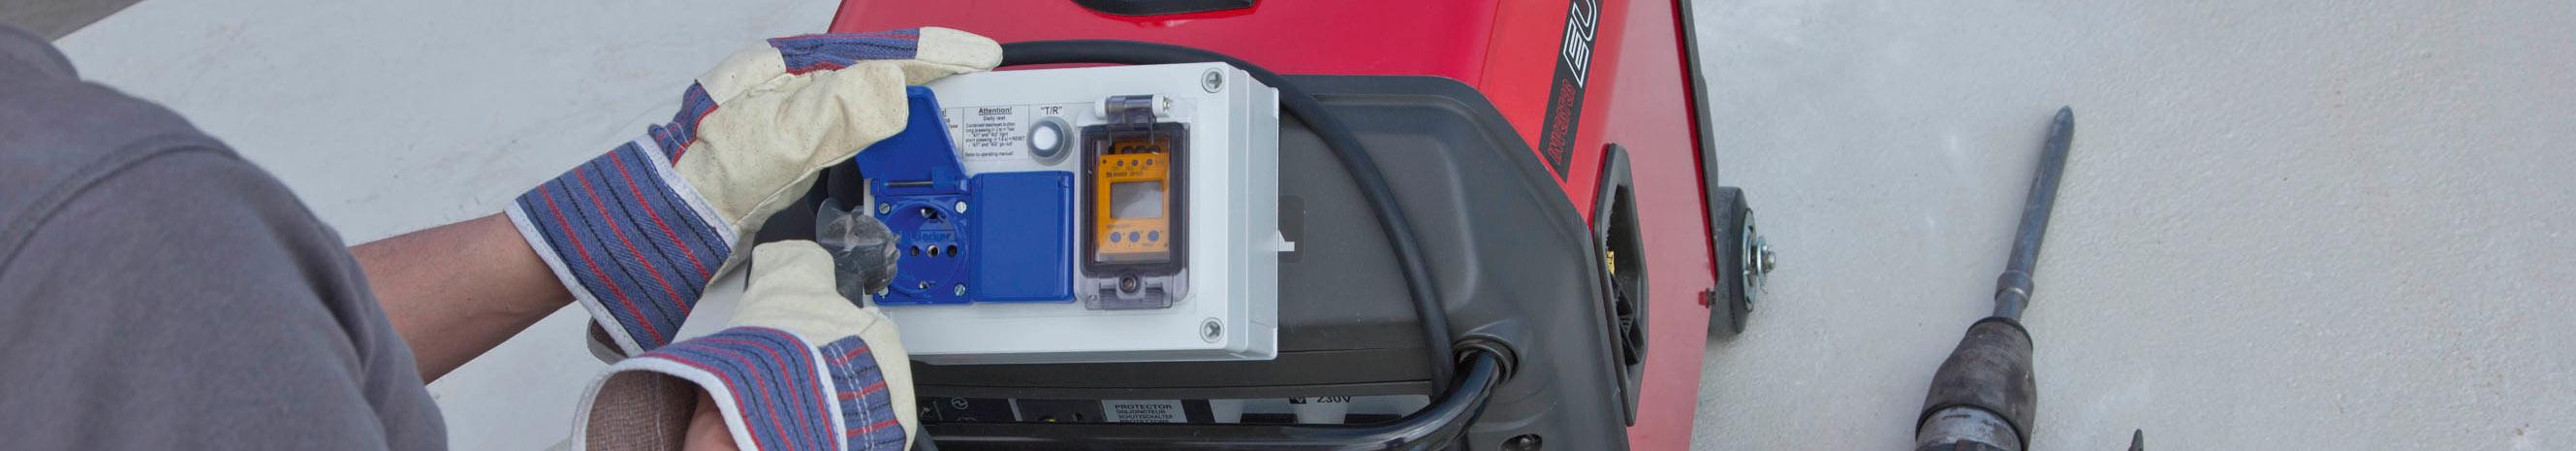 Generadores eléctricos móviles - portátiles